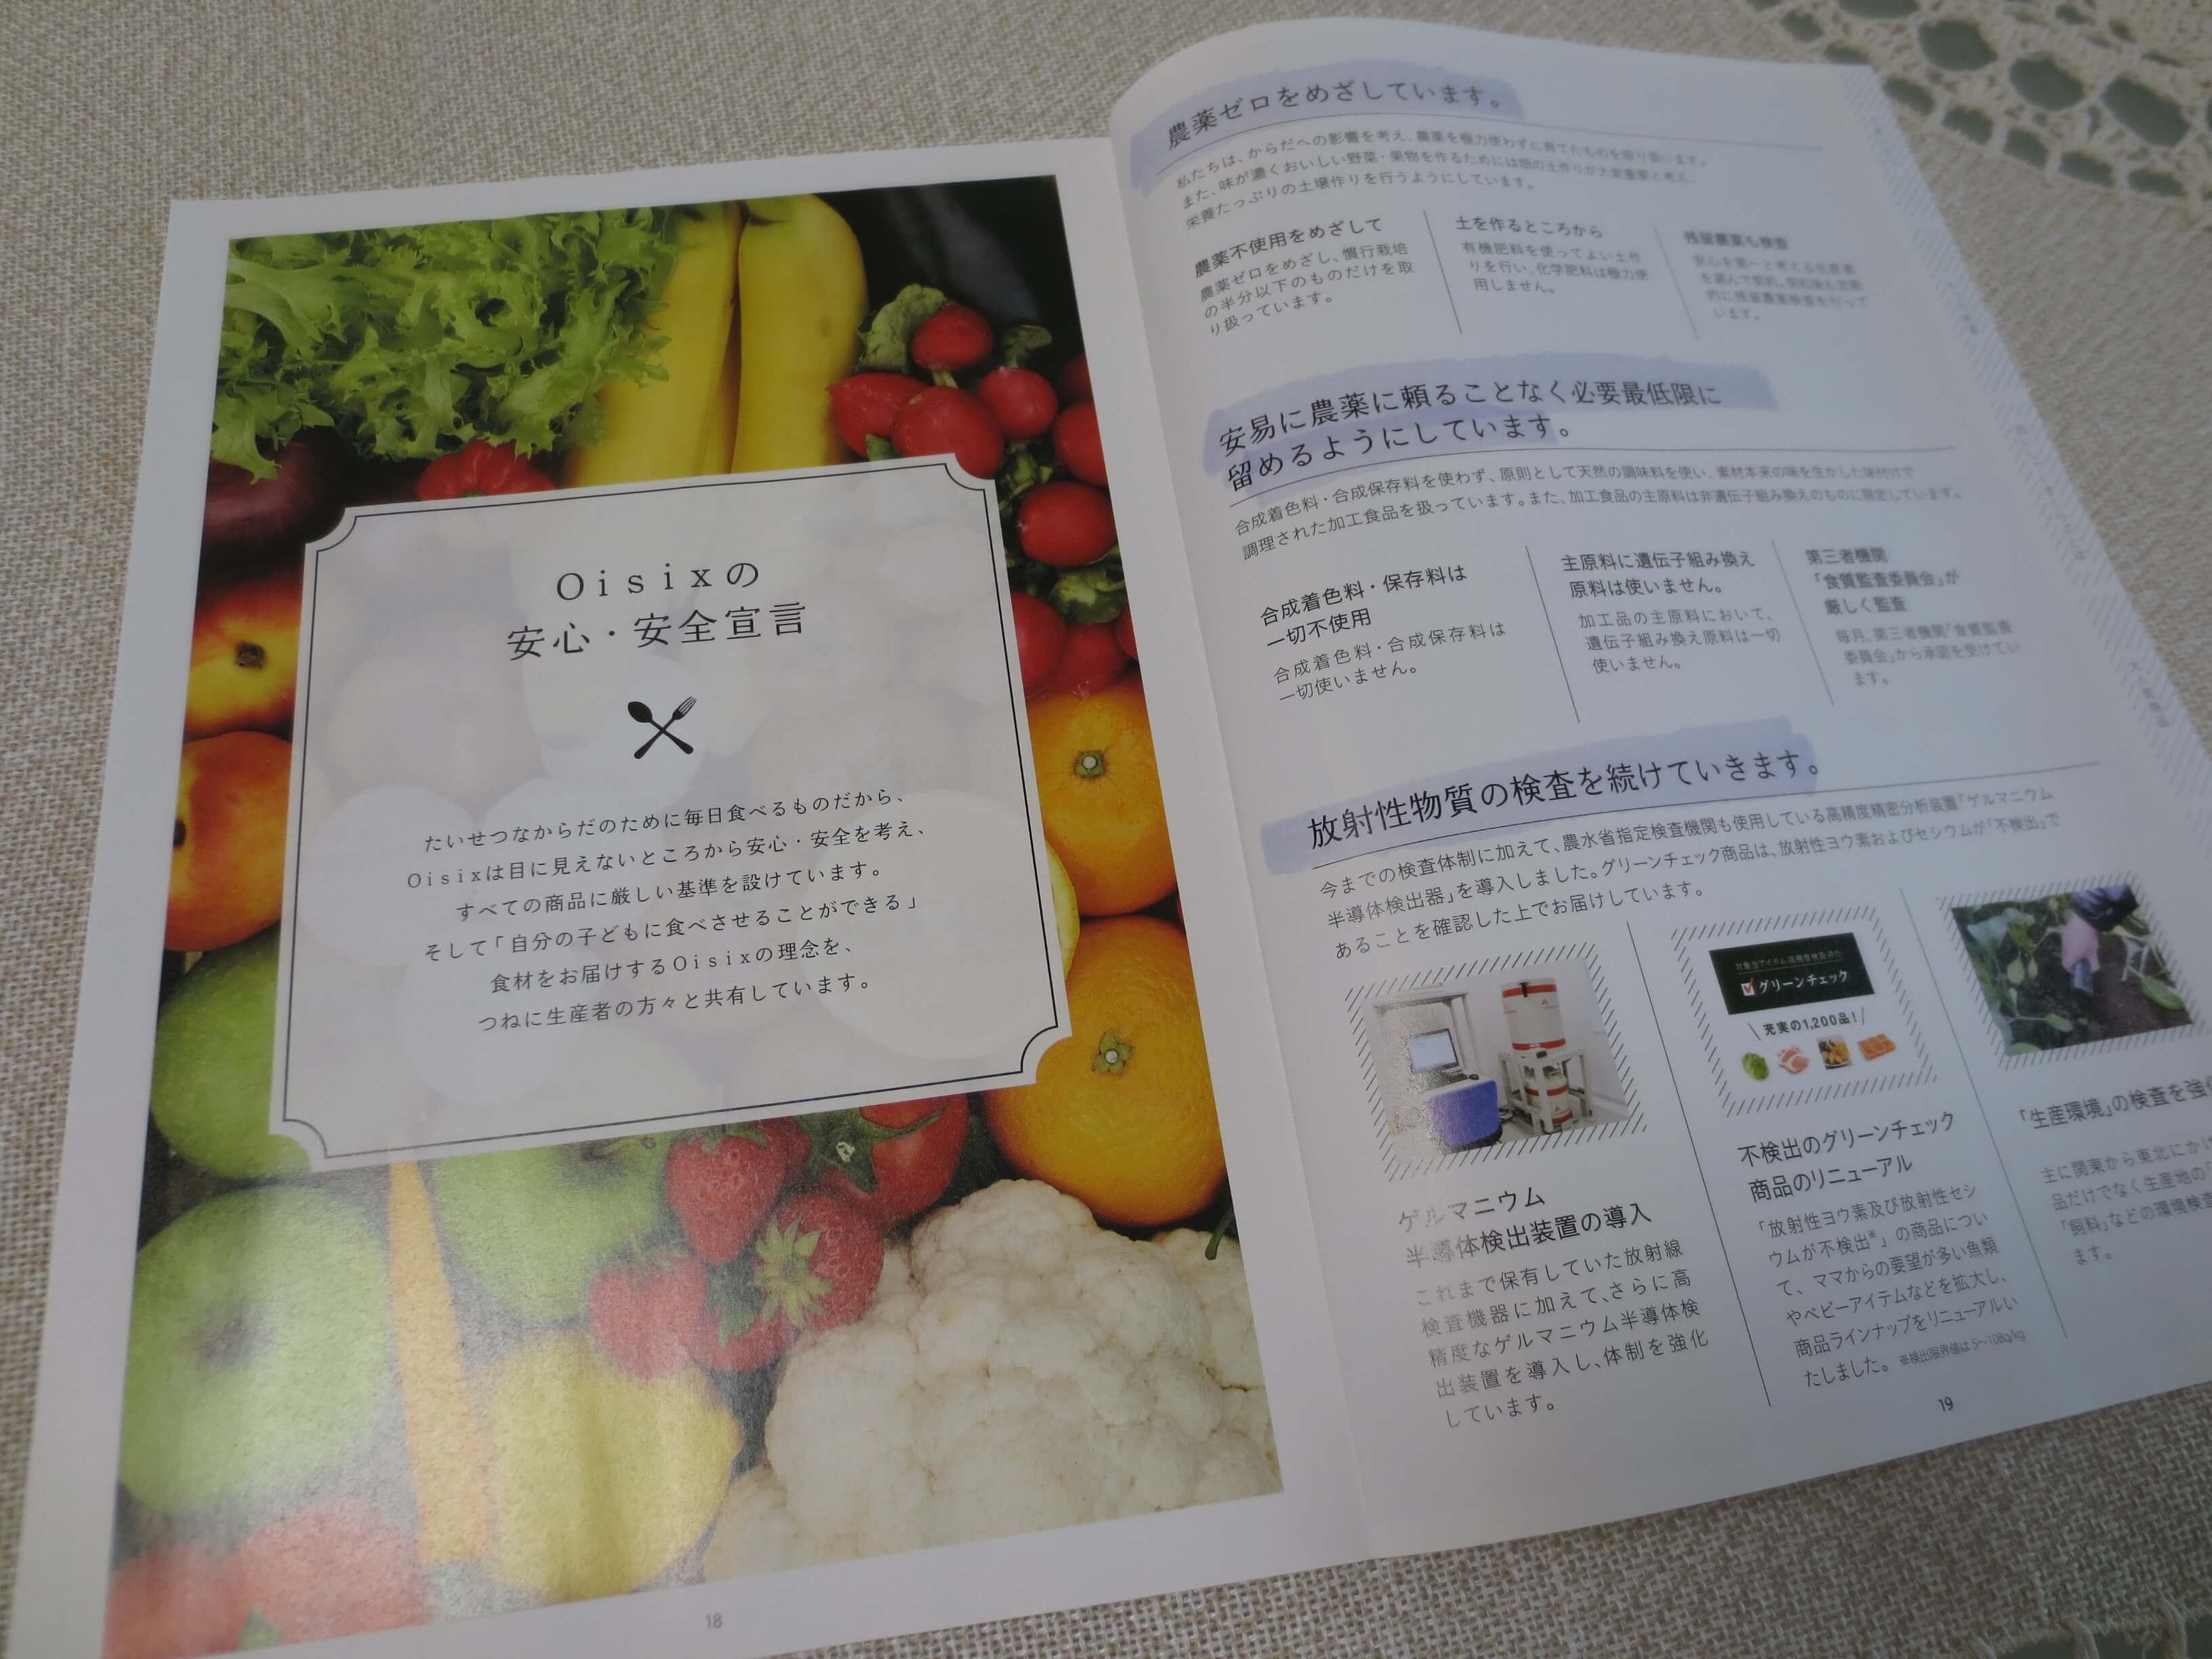 おいしっくす宅配野菜お試しセット67